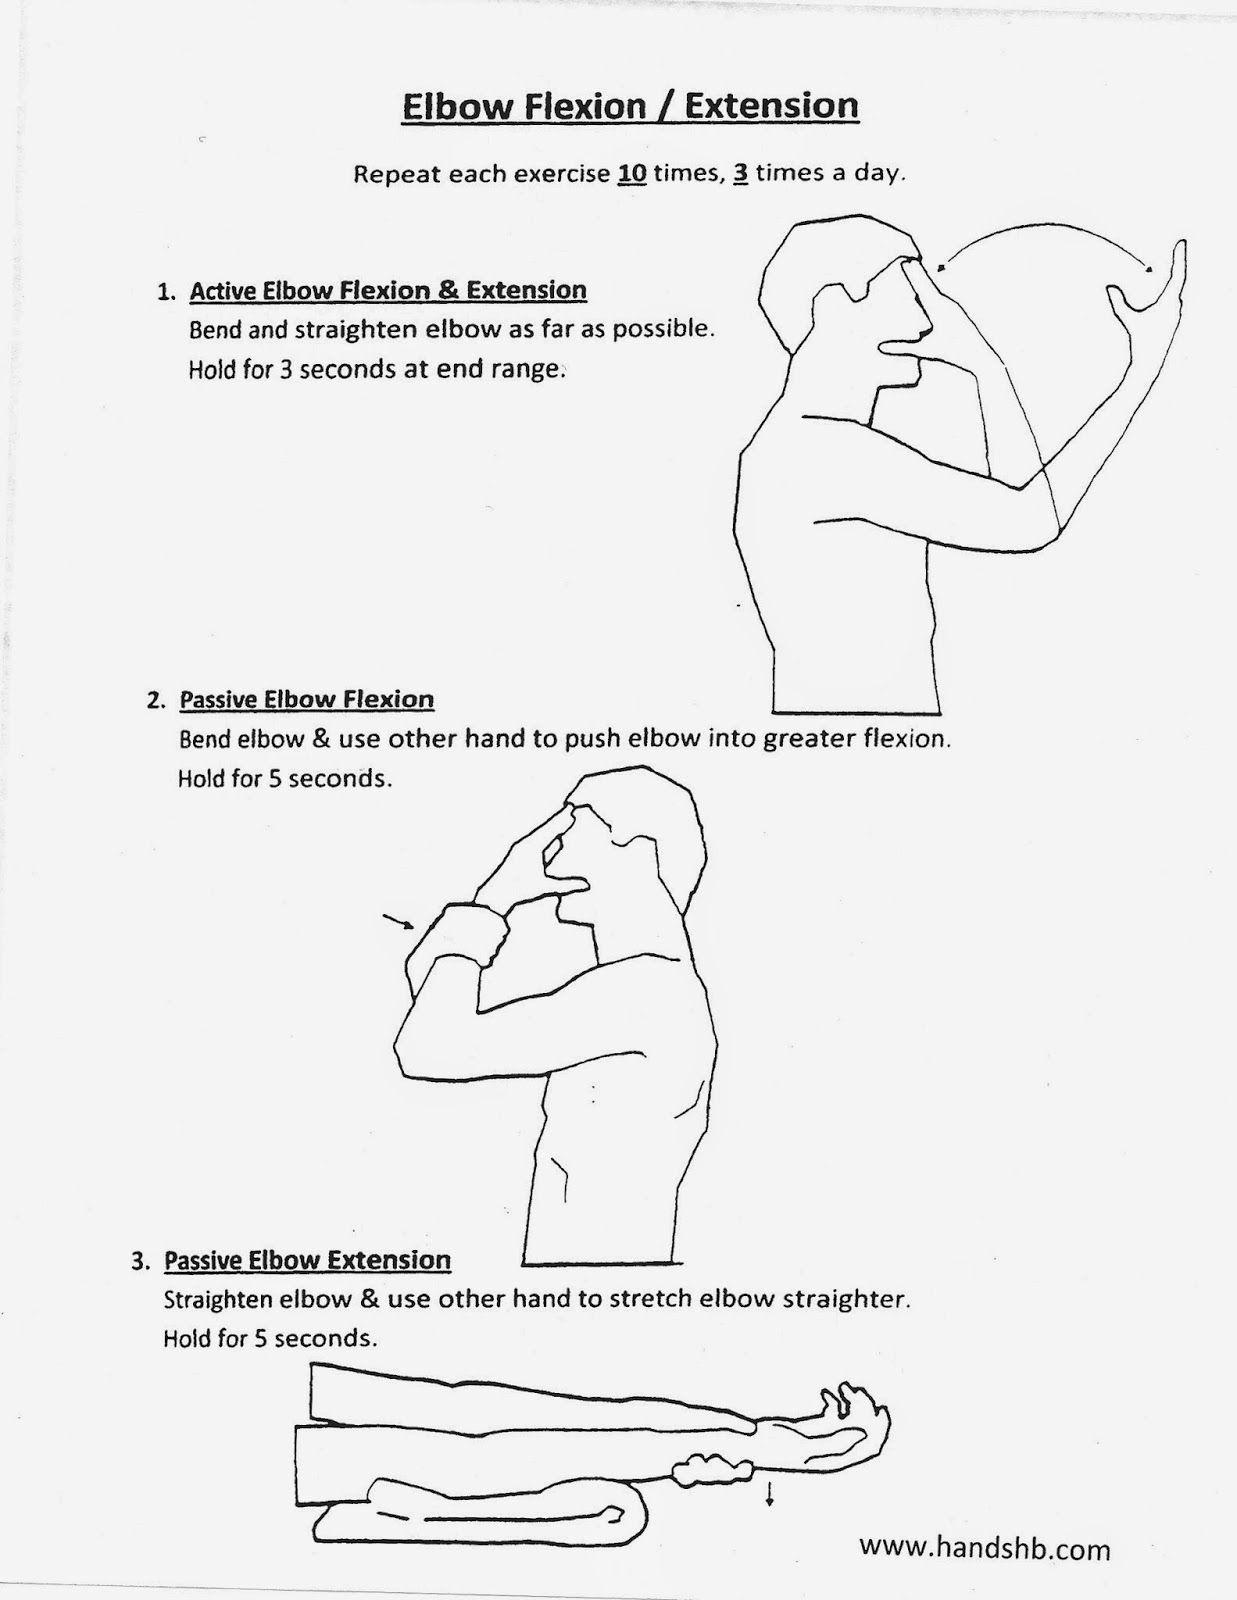 HB Hands: Elbow Flexion / Extension | OT | Pinterest | Extensions ...